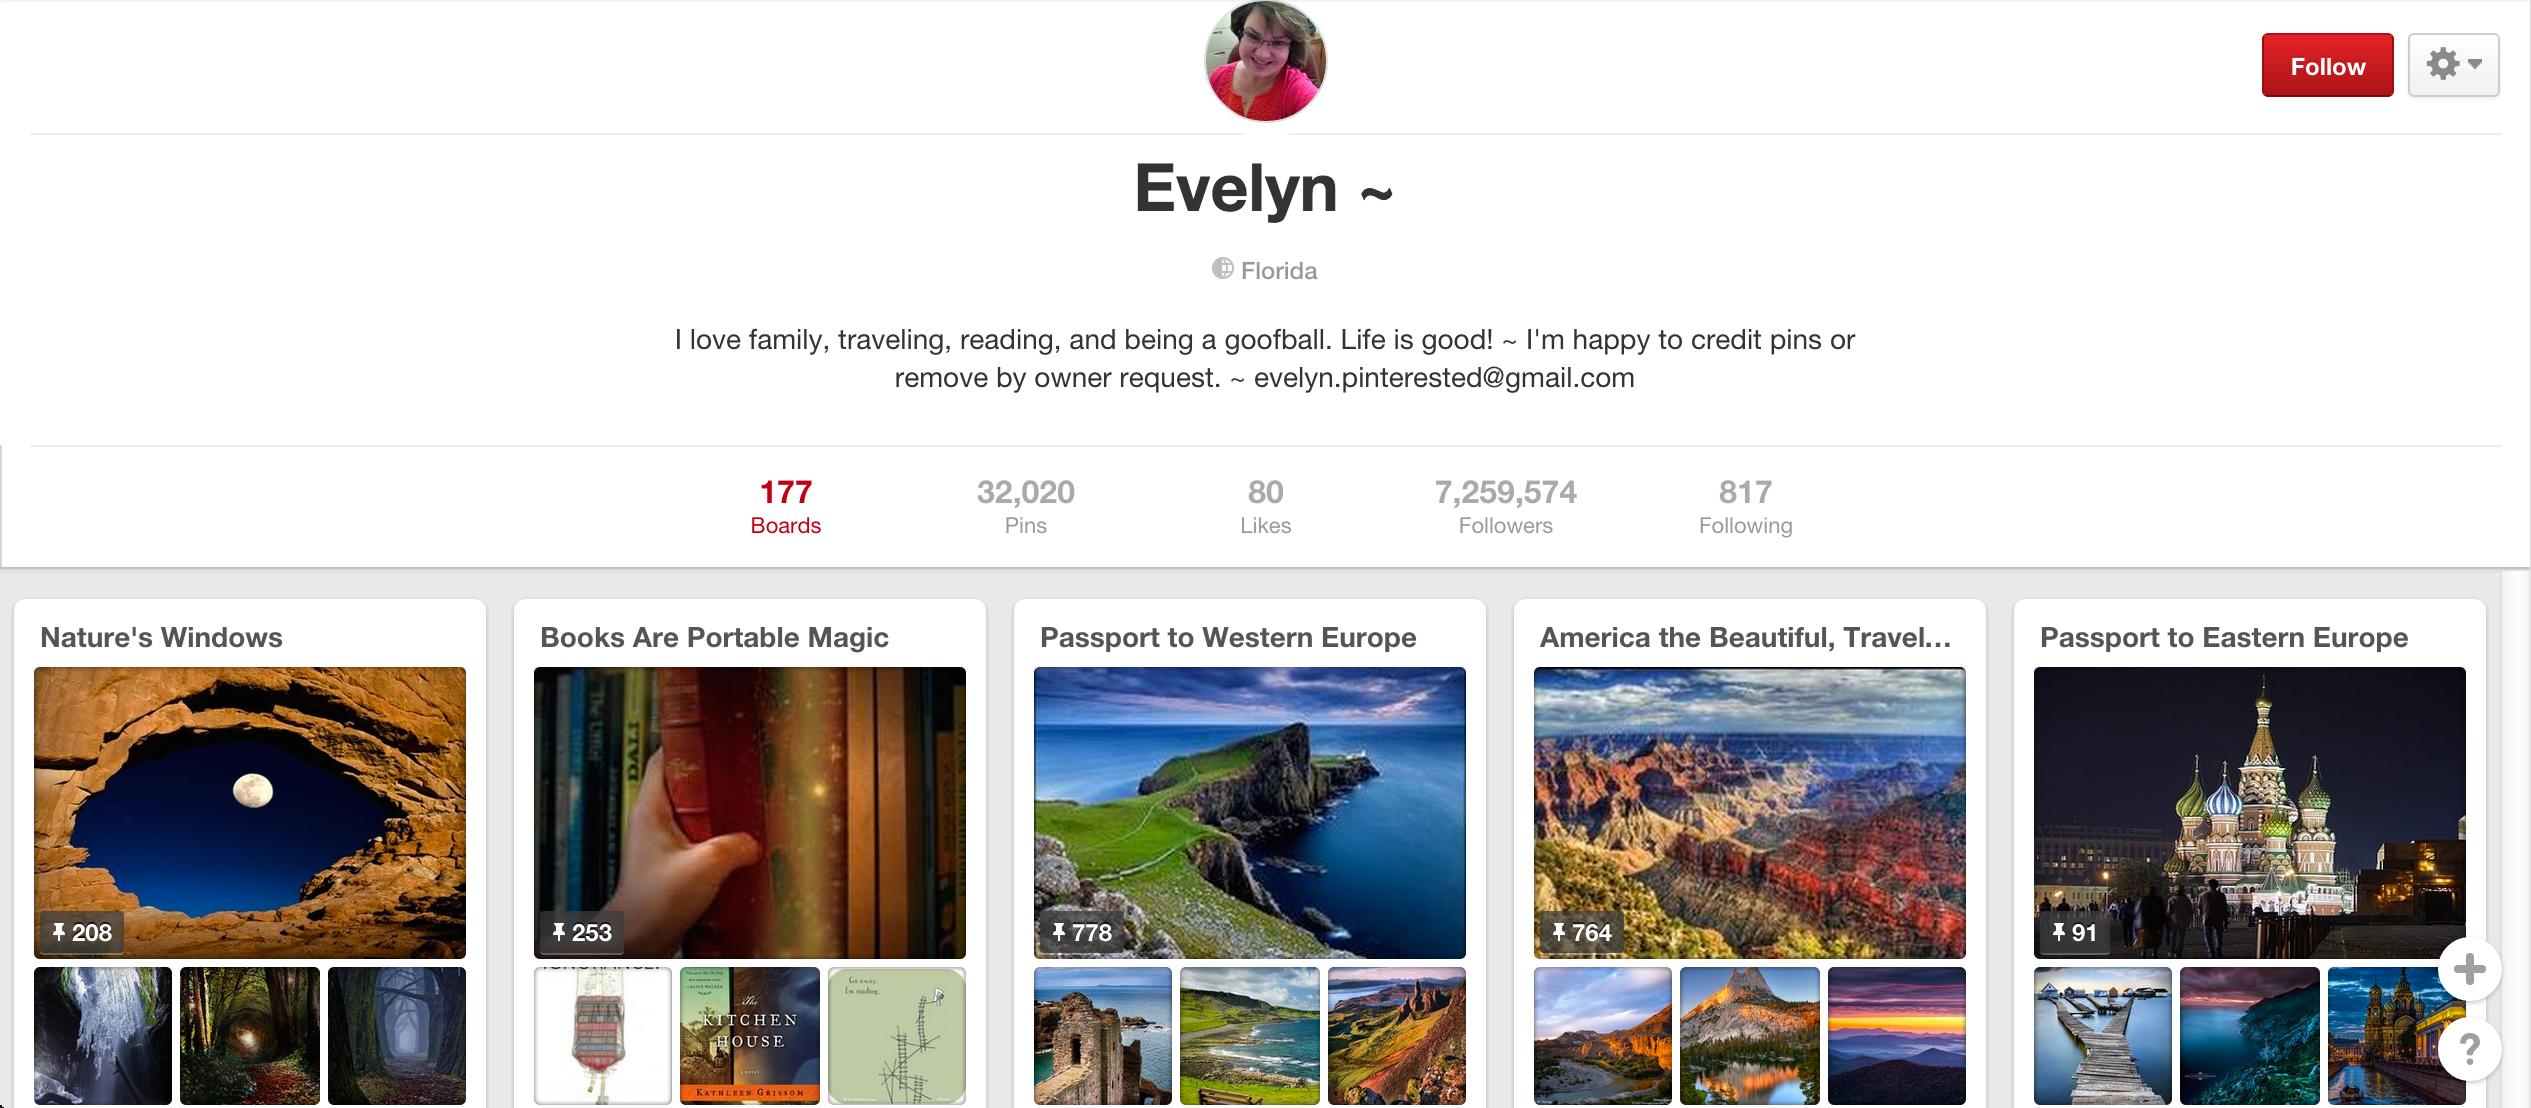 Evelyn Pinterest board